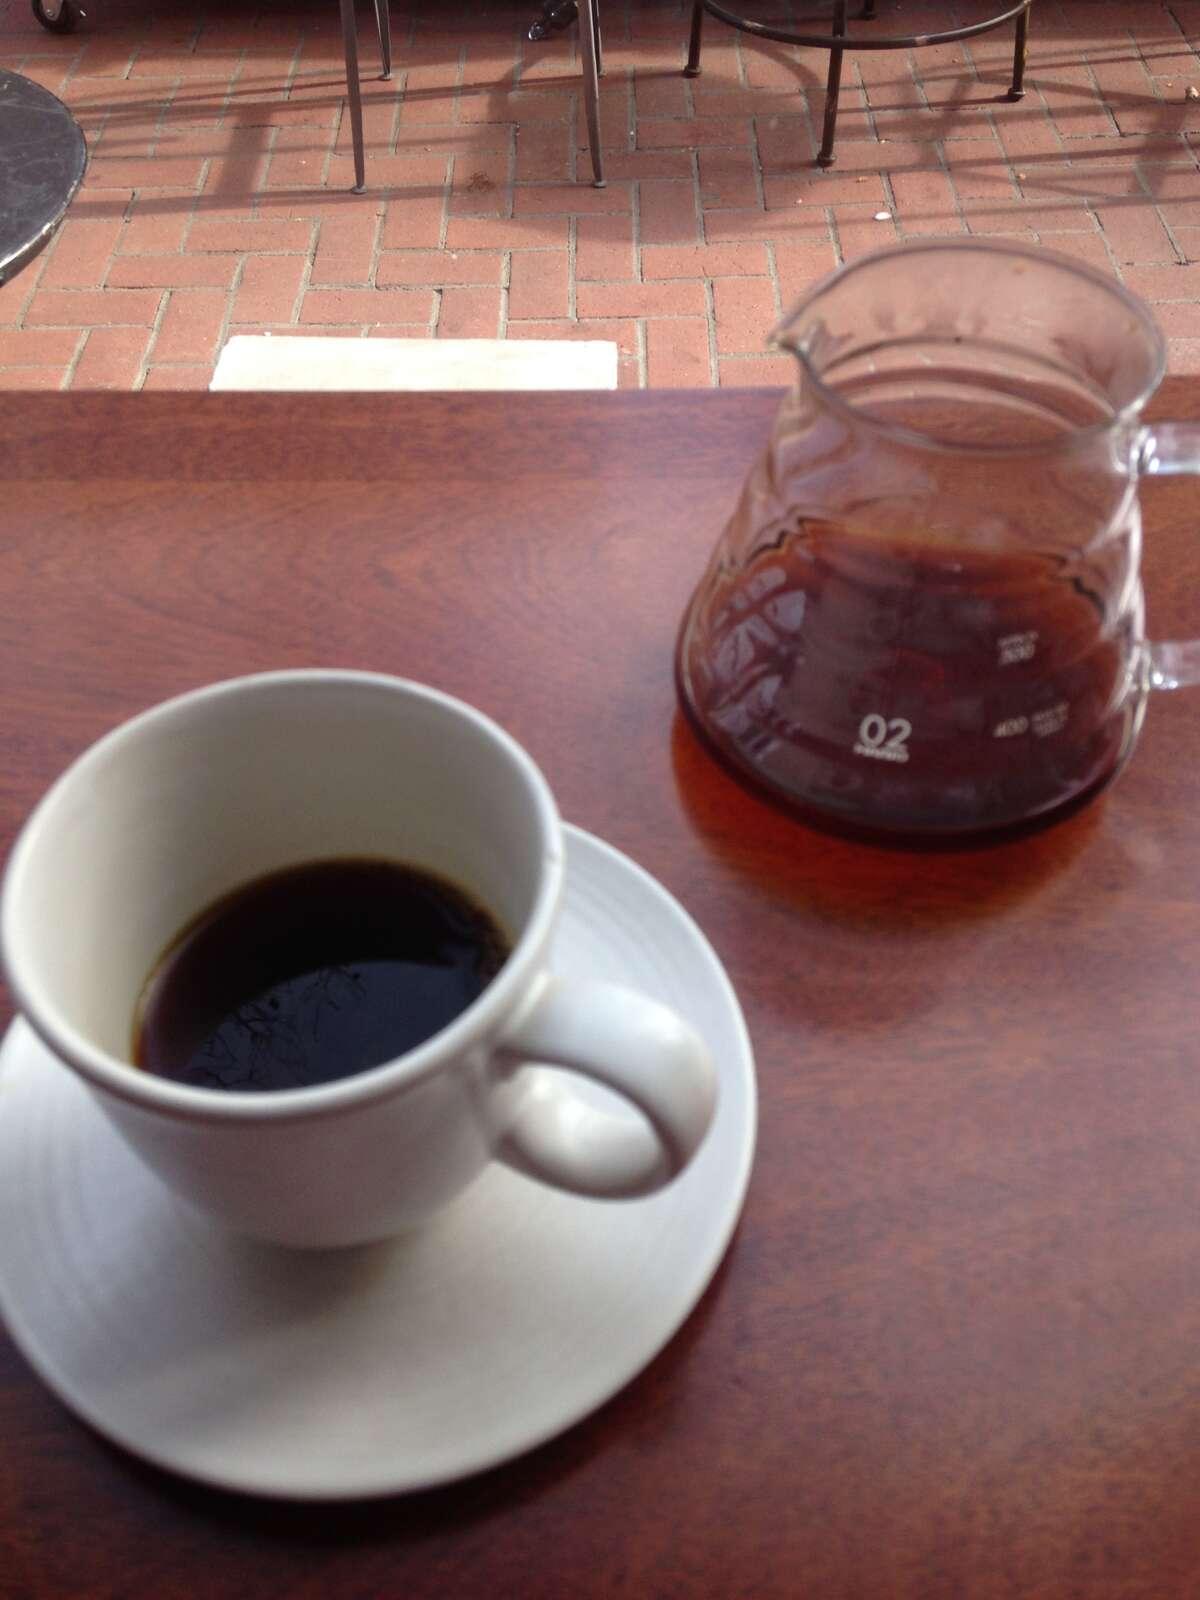 Equator's $15 Finca coffee